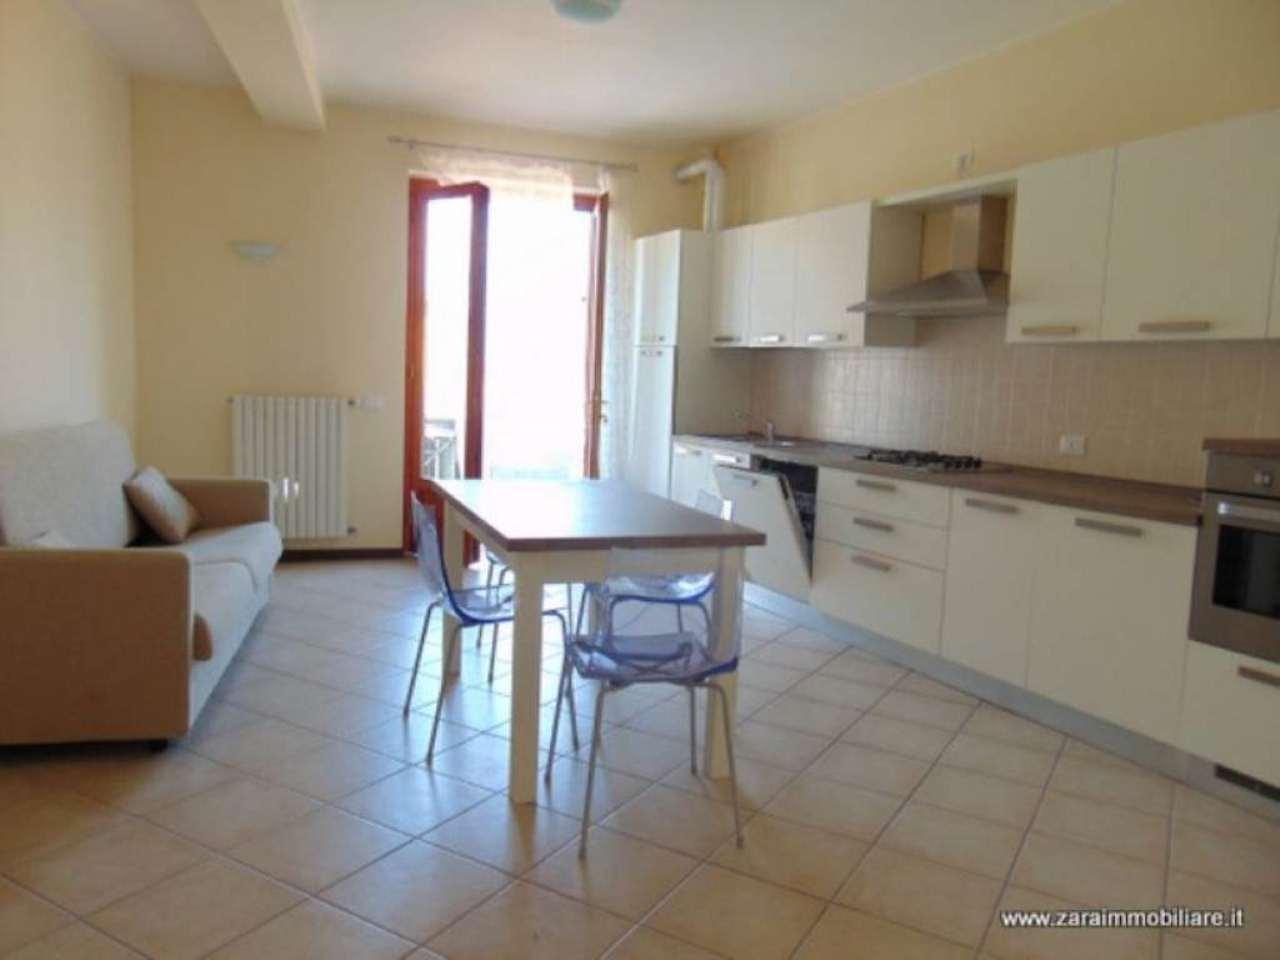 Appartamento in affitto a Manerba del Garda, 2 locali, prezzo € 500 | Cambio Casa.it